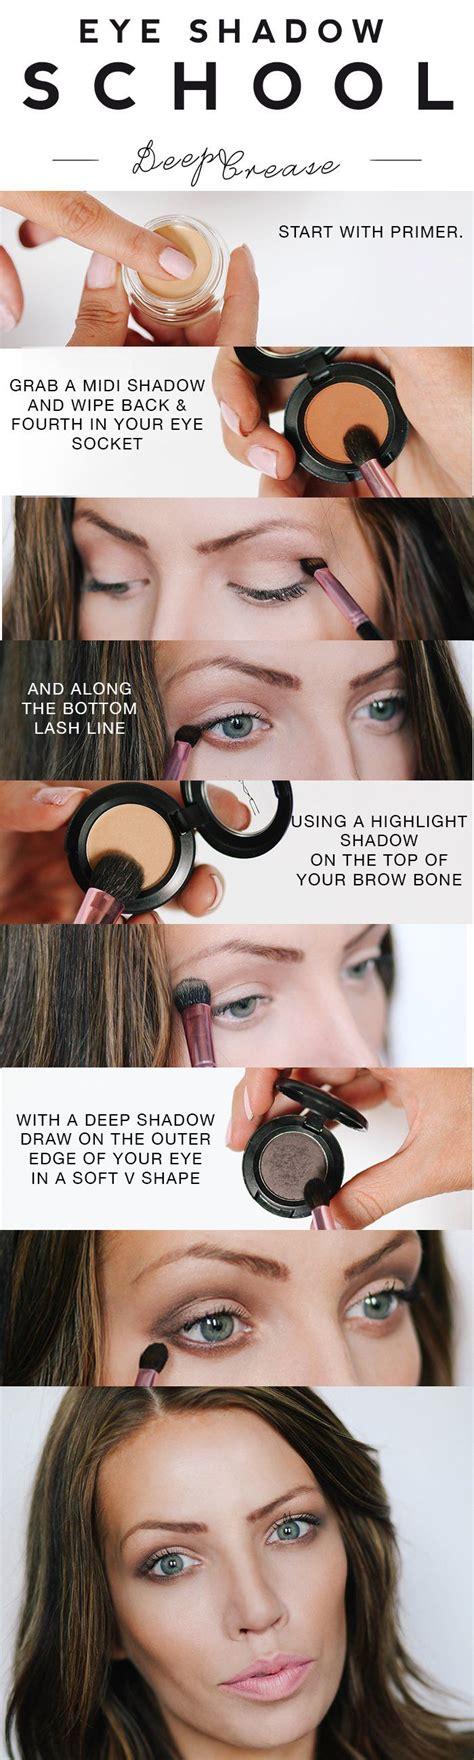 eyeshadow tutorial easy eye shadow school deep crease eyeshadow make up pinterest